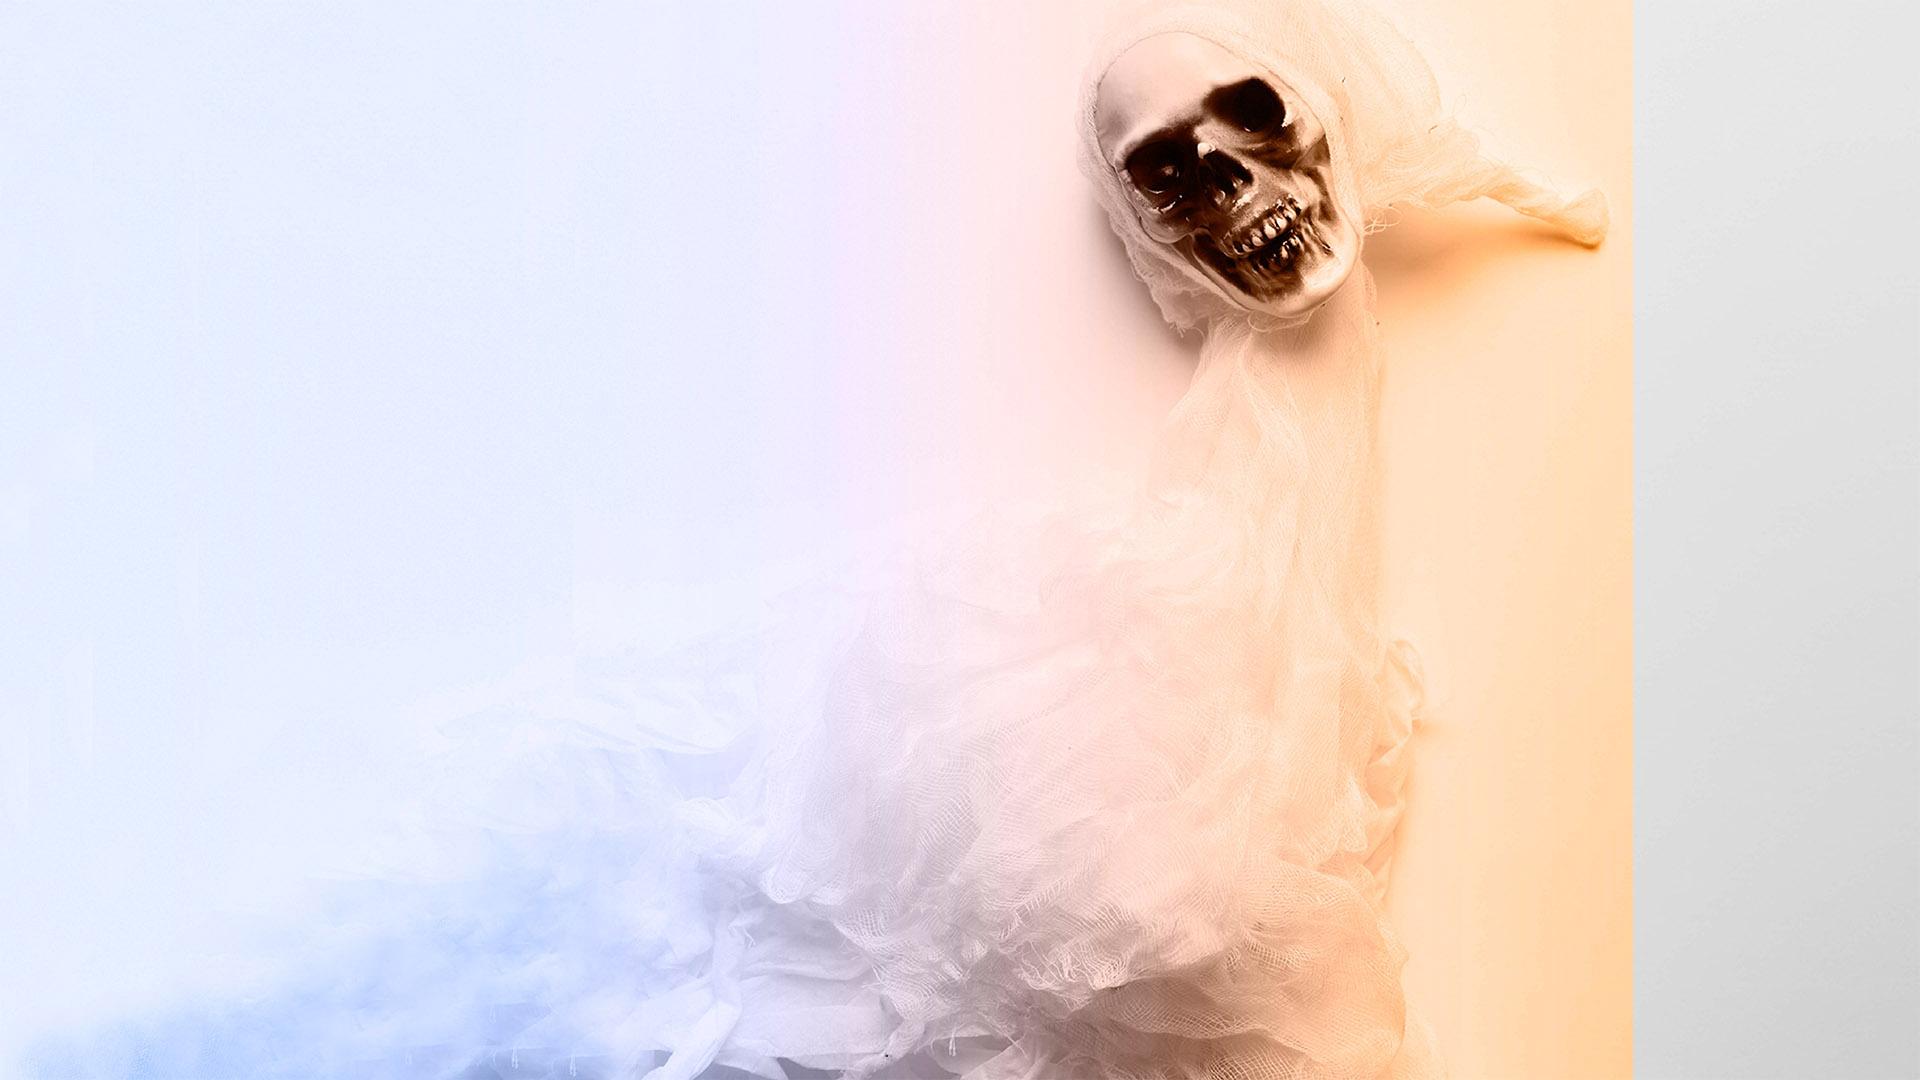 El miedo a los aparecidos, por Elías Pino Iturrieta